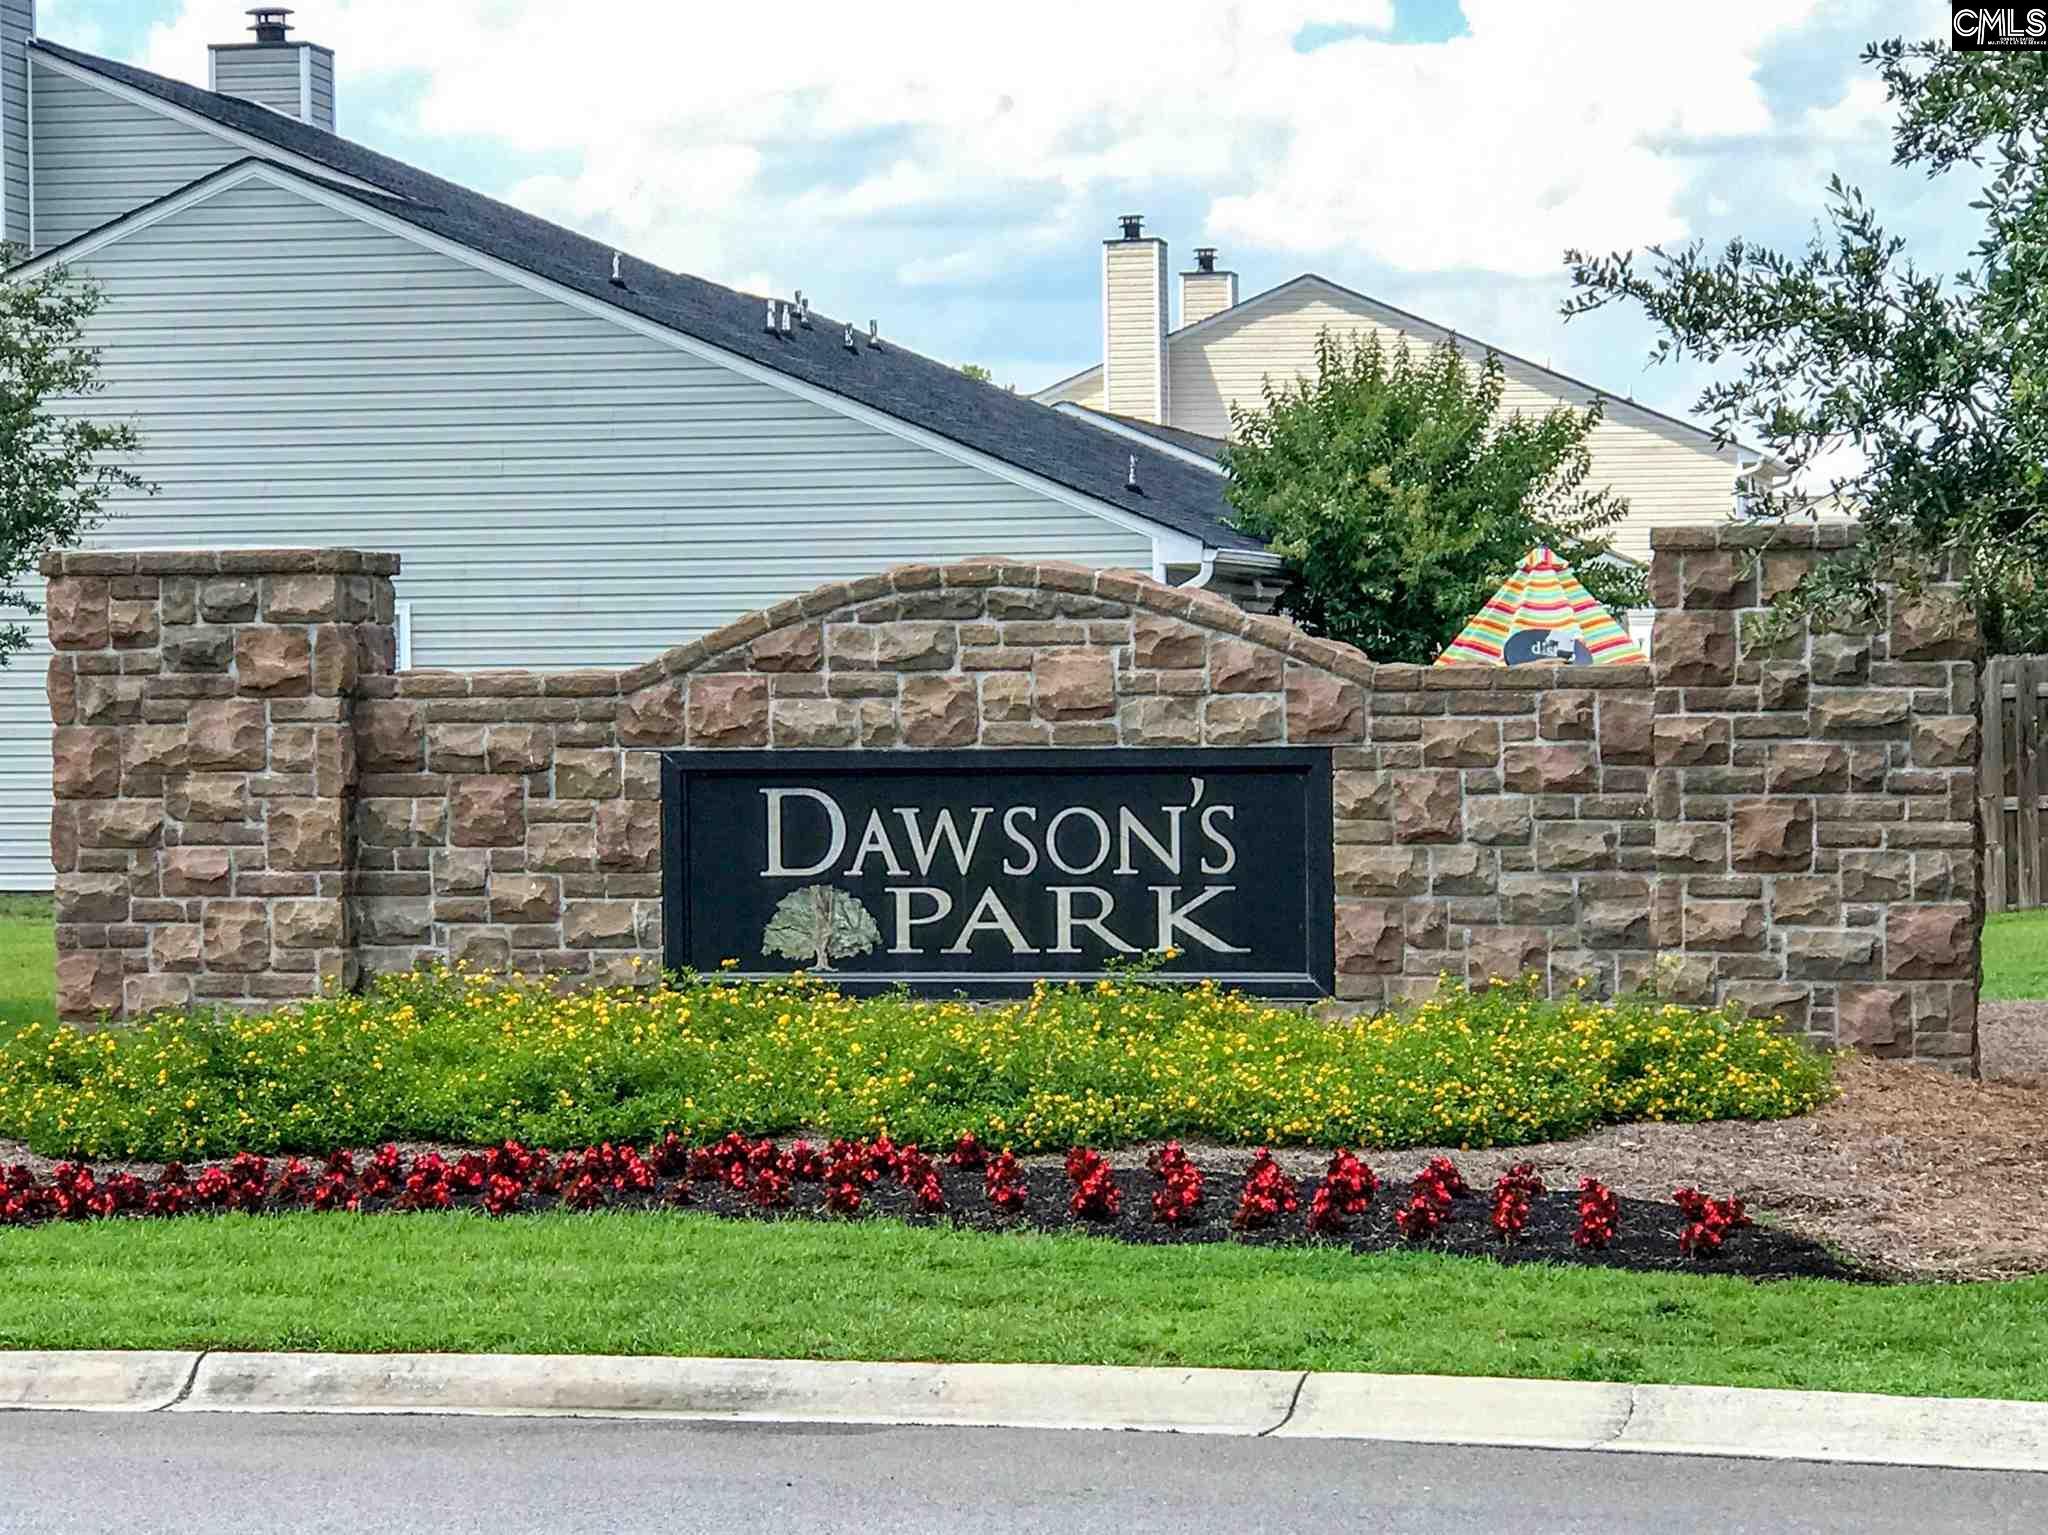 743 Dawsons Park Lexington, SC 29072